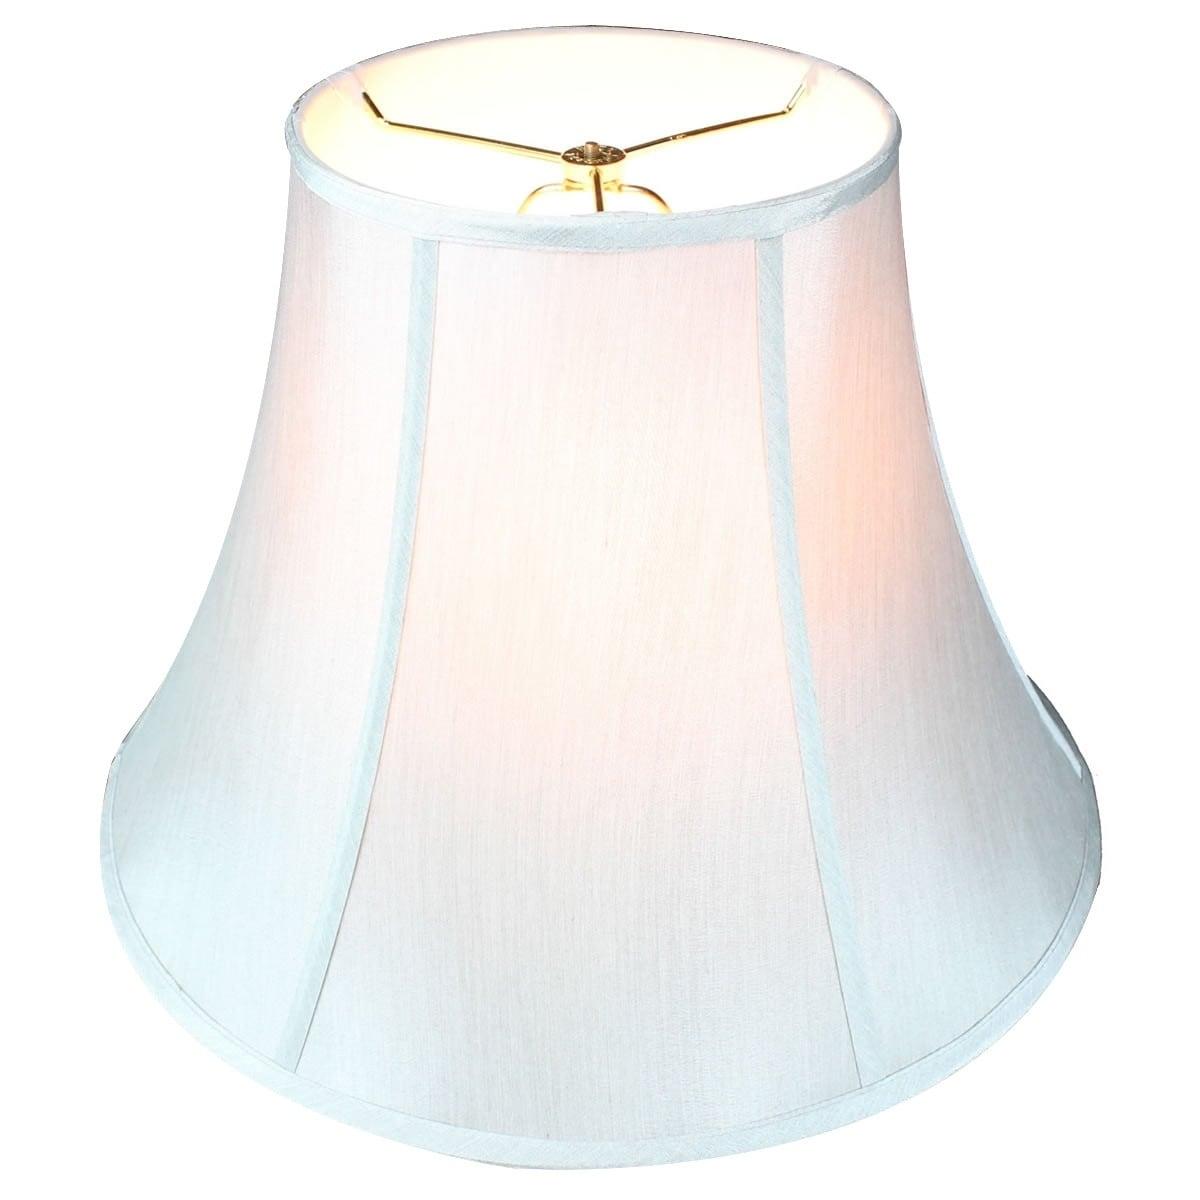 Concept 9x18x13.5 Grey Bell Shantung Lamp Shade (Silk)